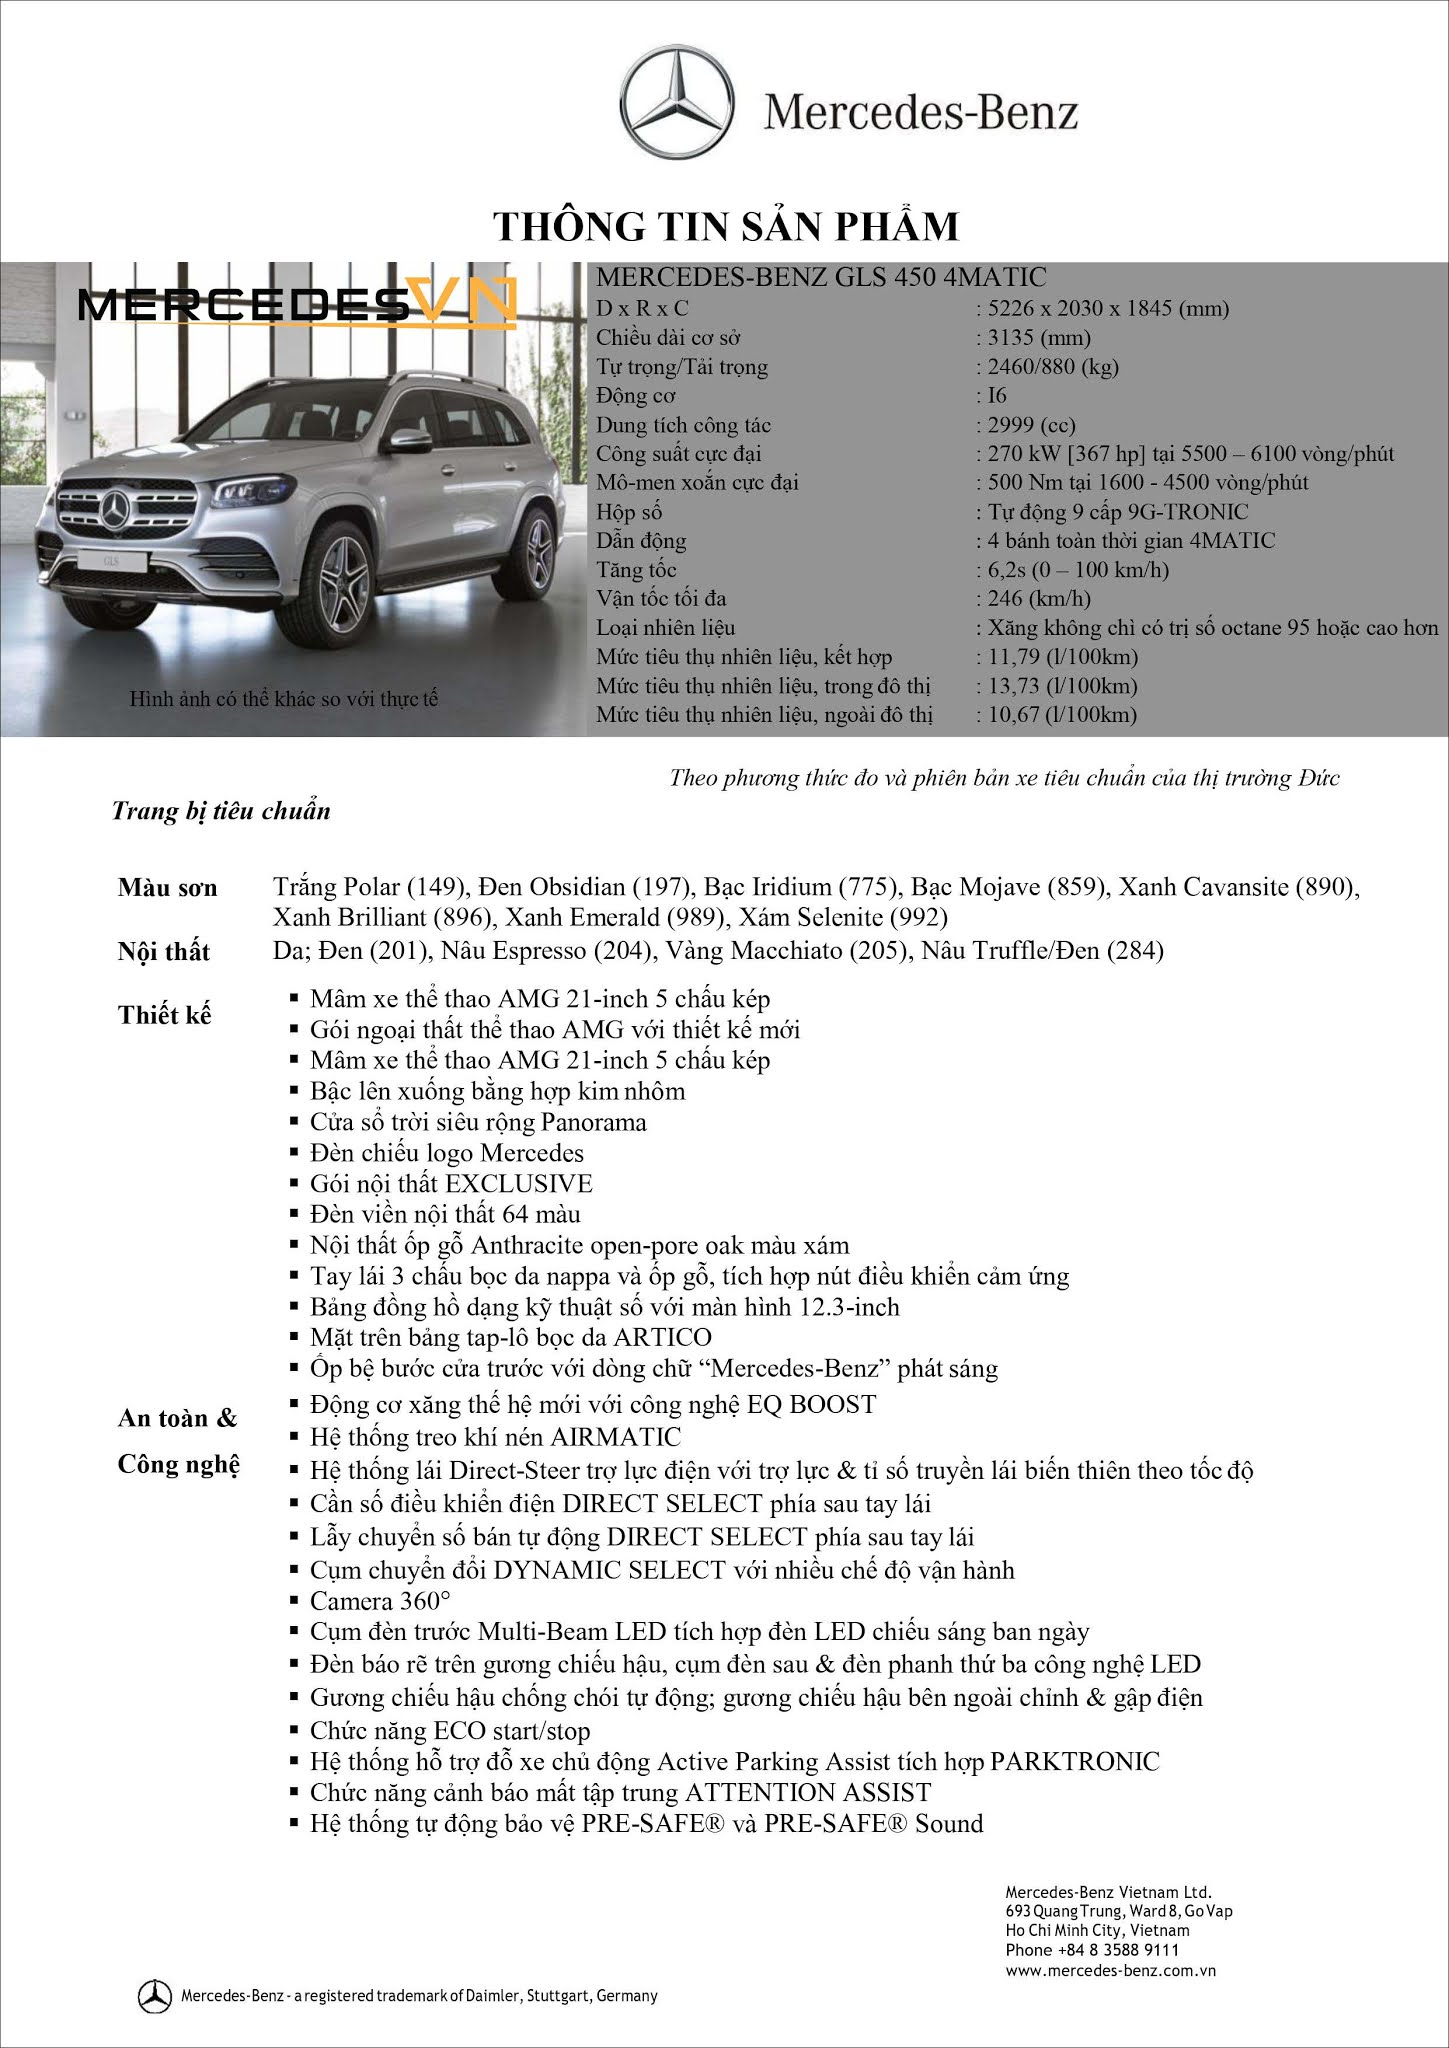 Bảng thông số kỹ thuật Mercedes GLS 450 4MATIC 2021